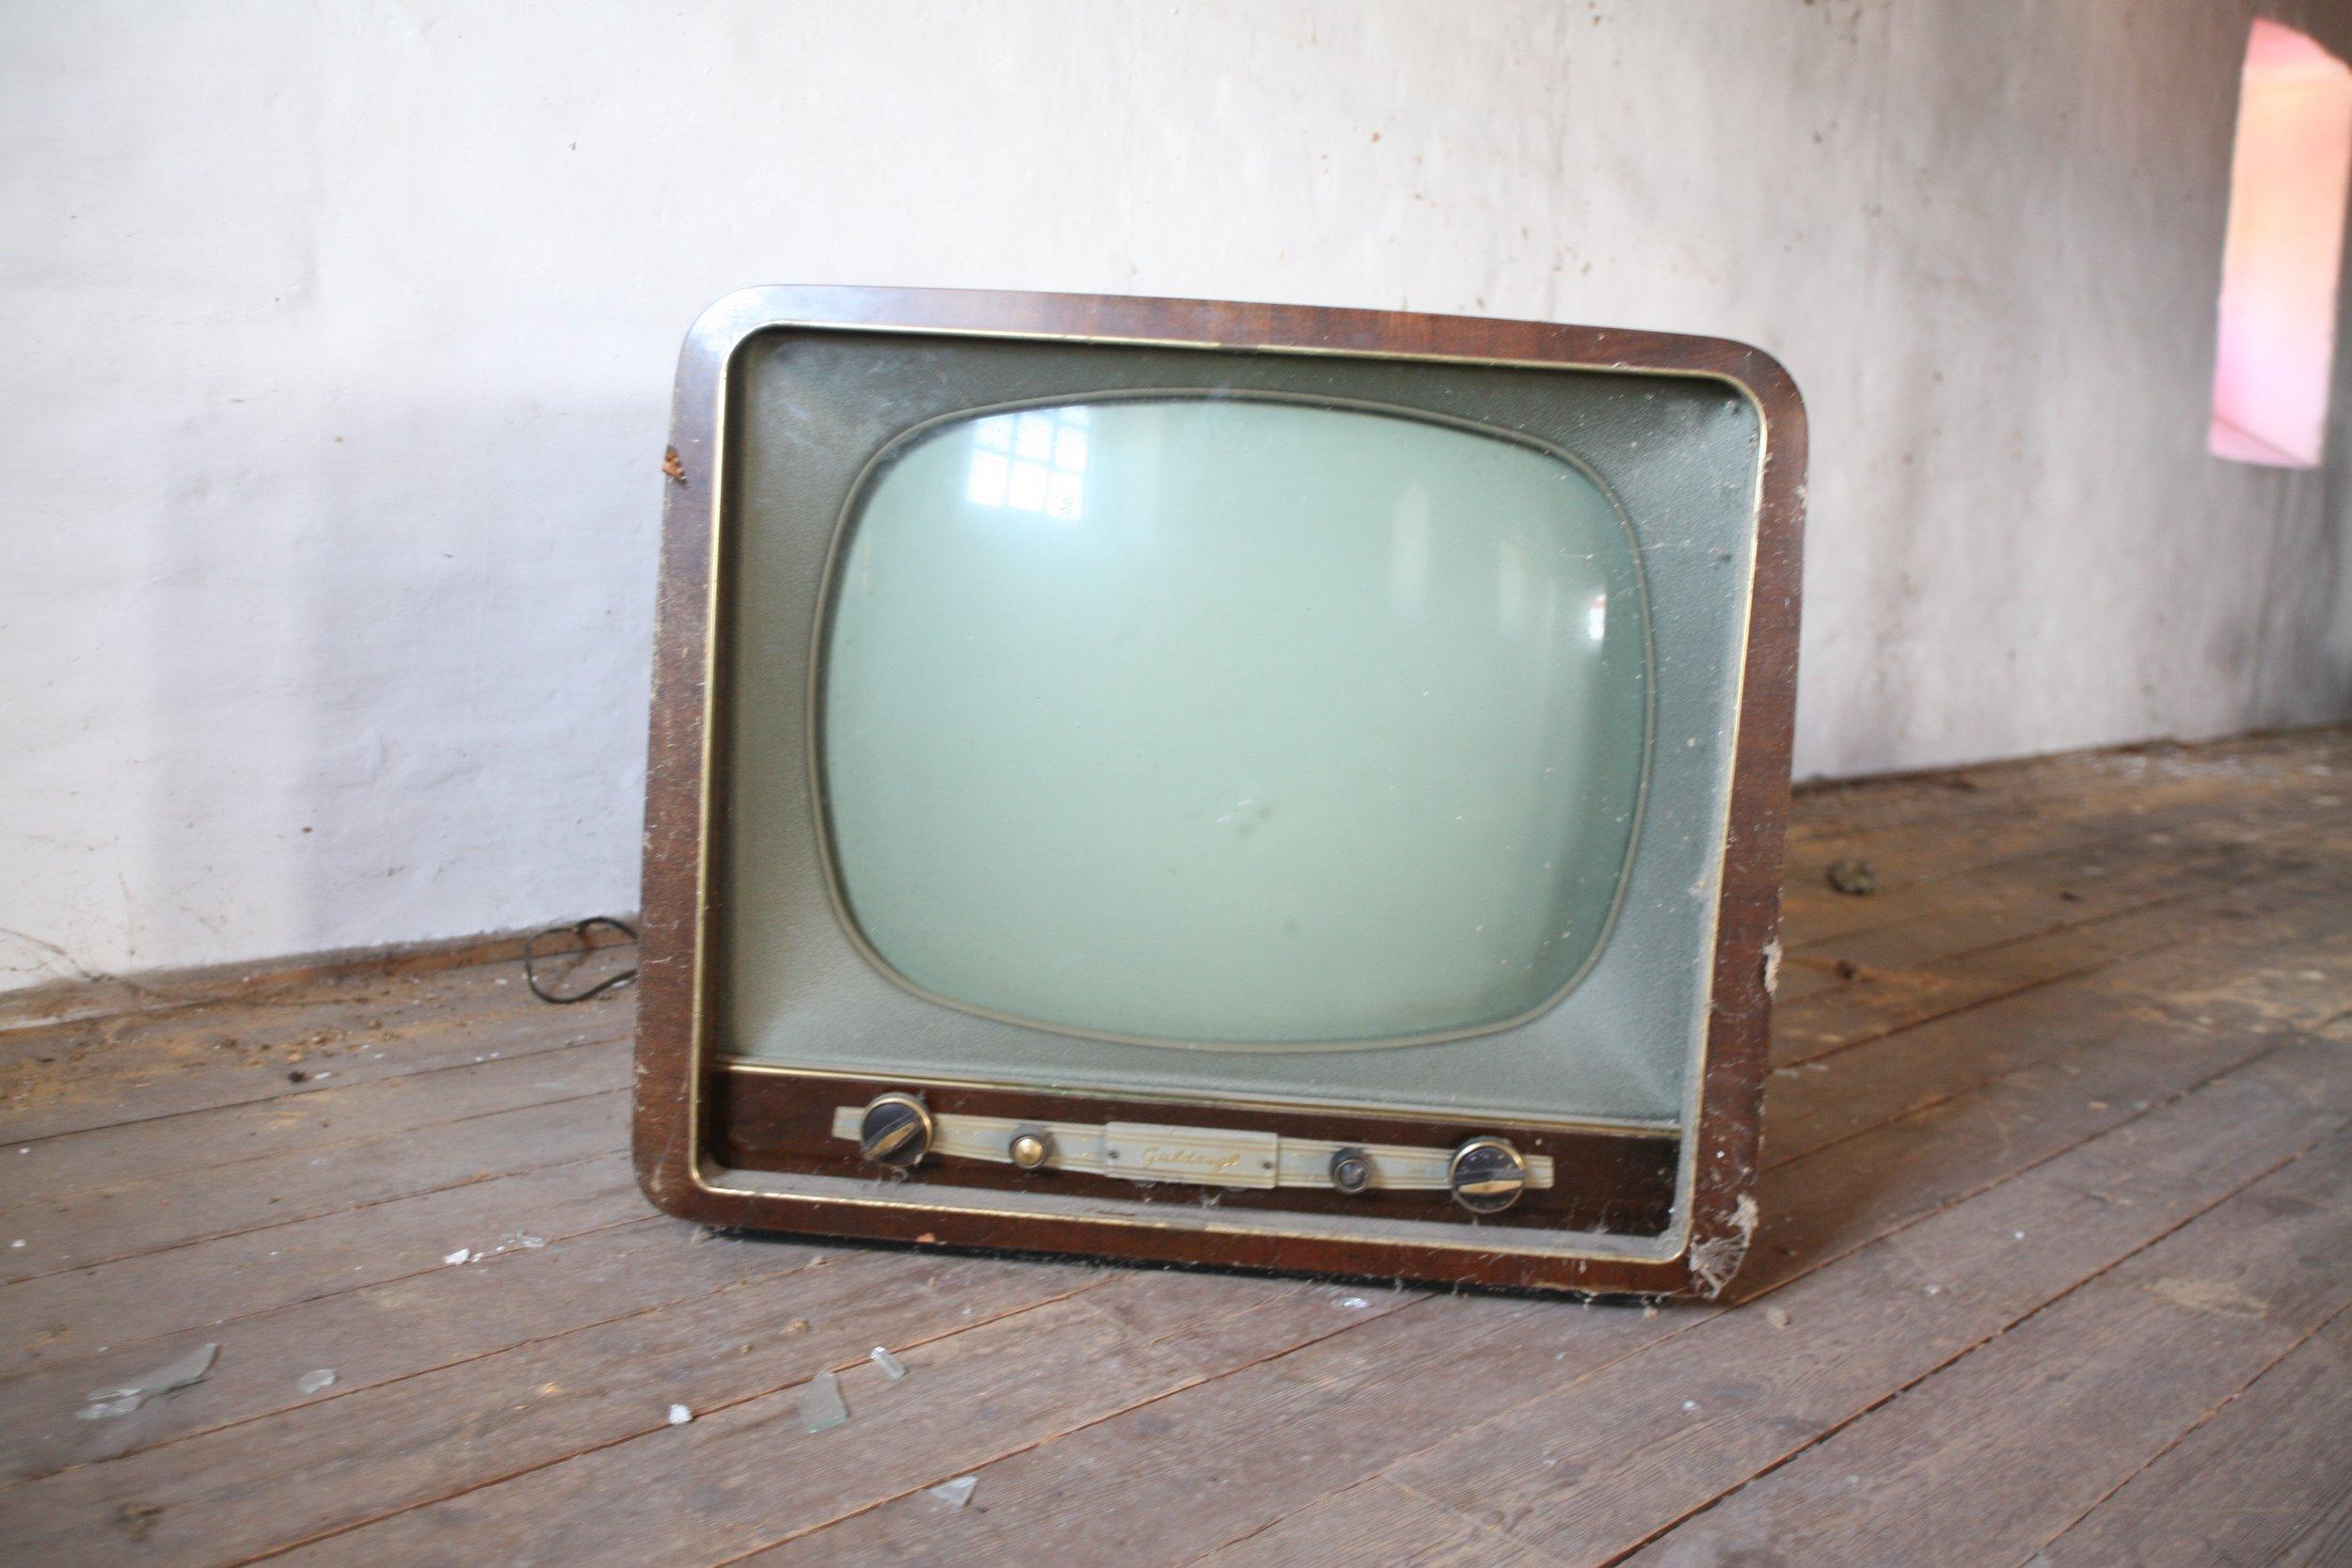 abandoned-vintage-crt-television.jpg